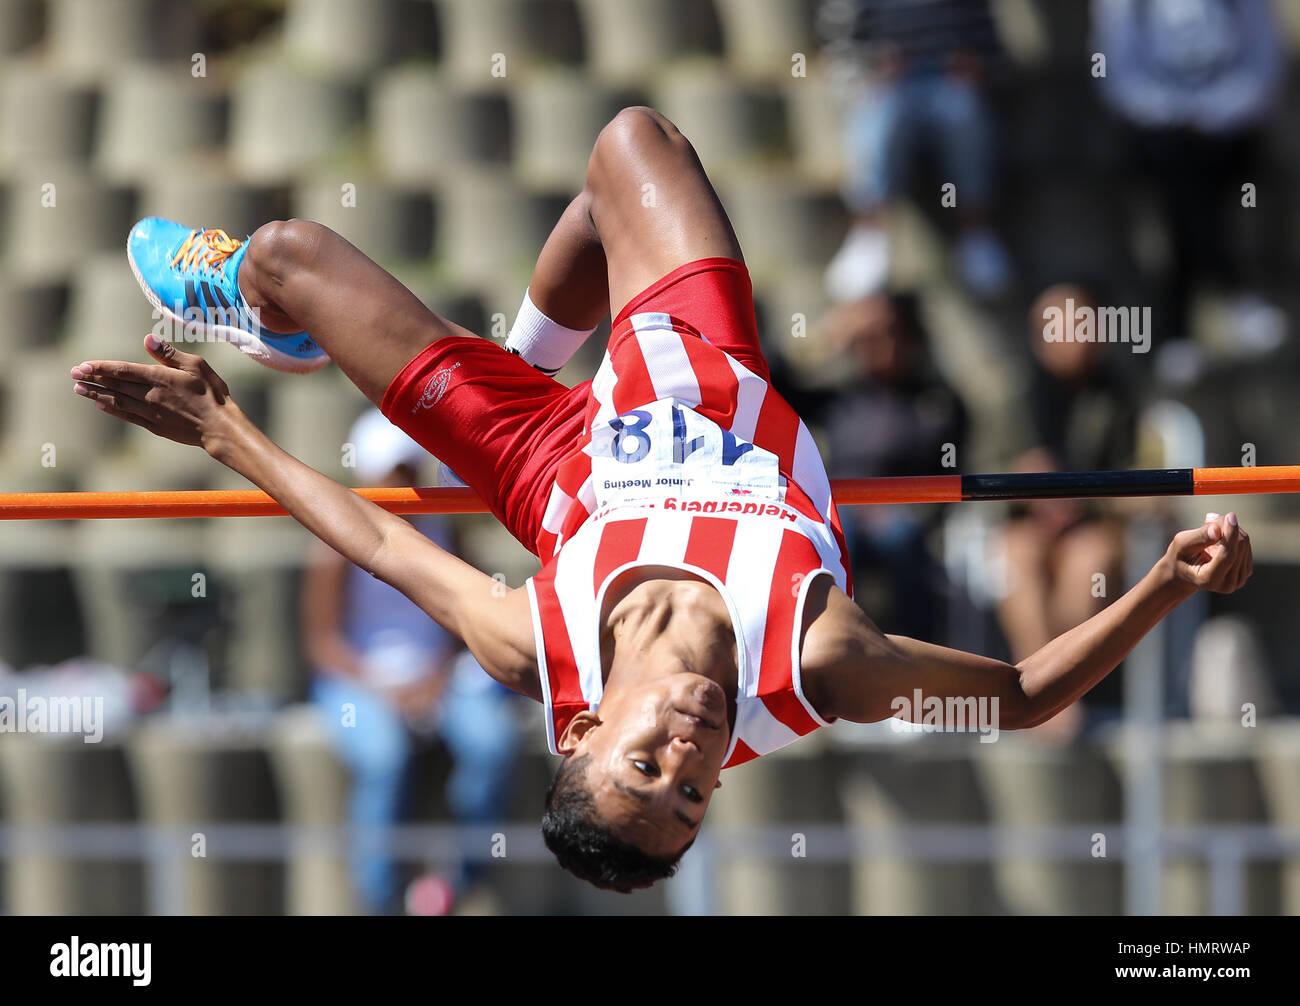 Pista y Campo de atletismo local reunión en Parow, Cape Town, Sudáfrica Foto de stock